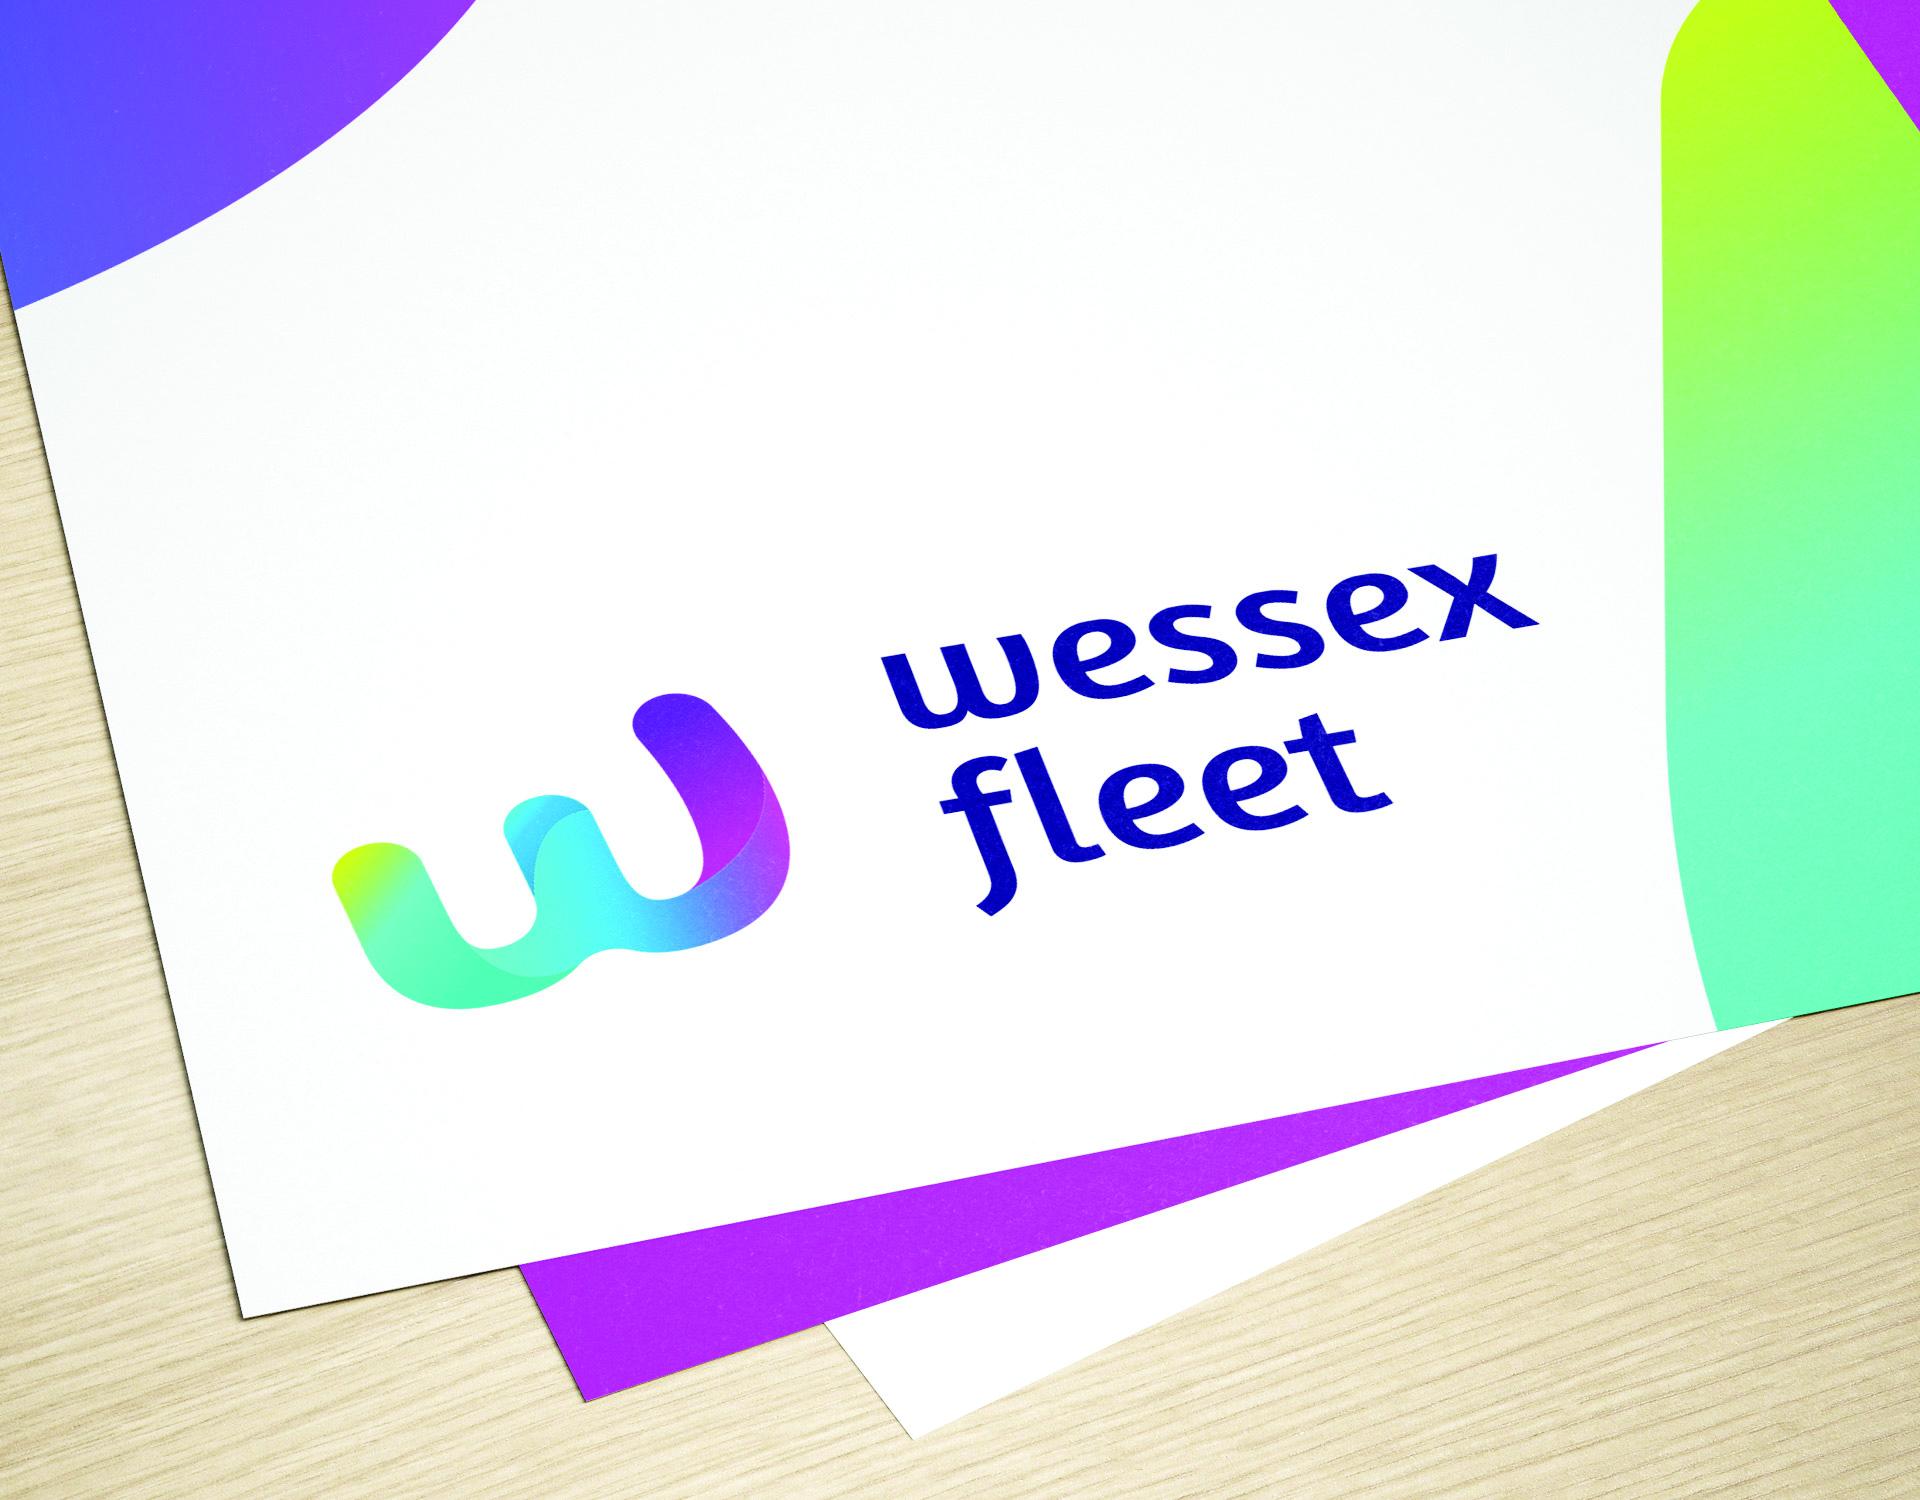 Wessex Fleet branding